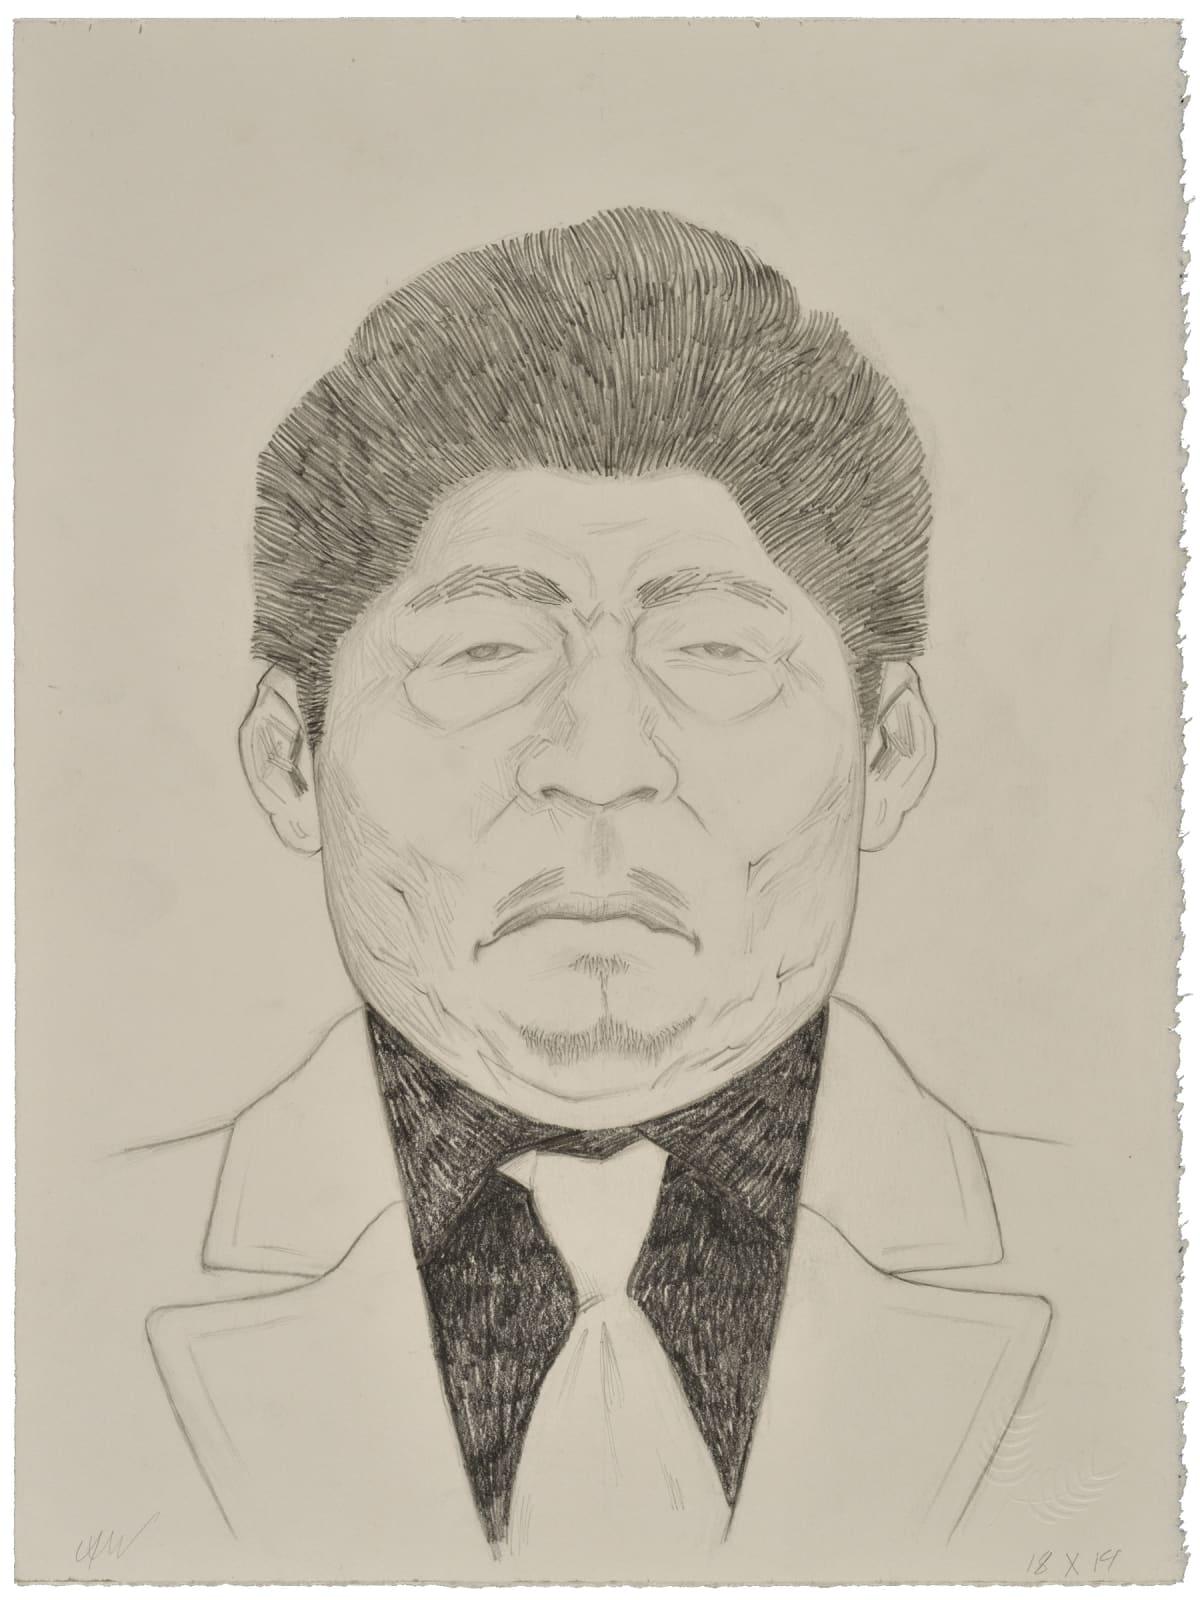 César A. Martínez Veterano (white tie), 2021 Graphite on Stonehenge paper 15 x 11 in 38.1 x 27.9 cm